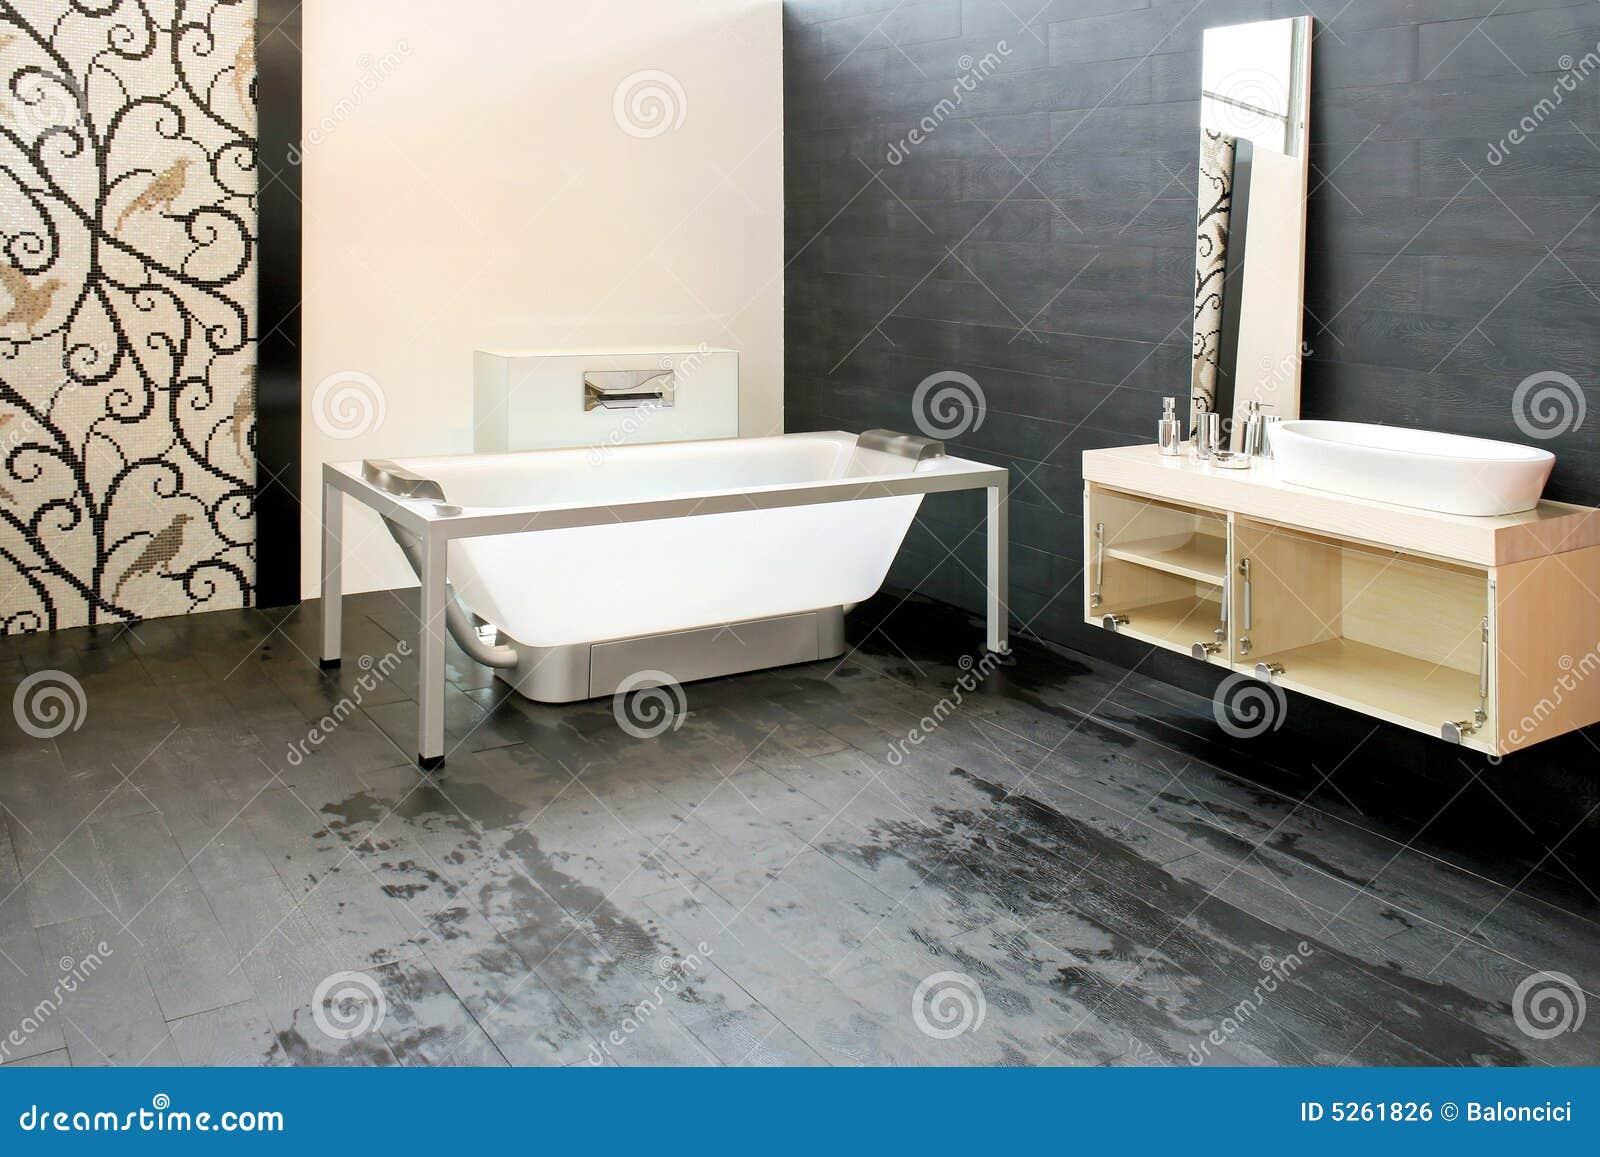 Penisola a scomparsa - Vasca da bagno in vetro ...